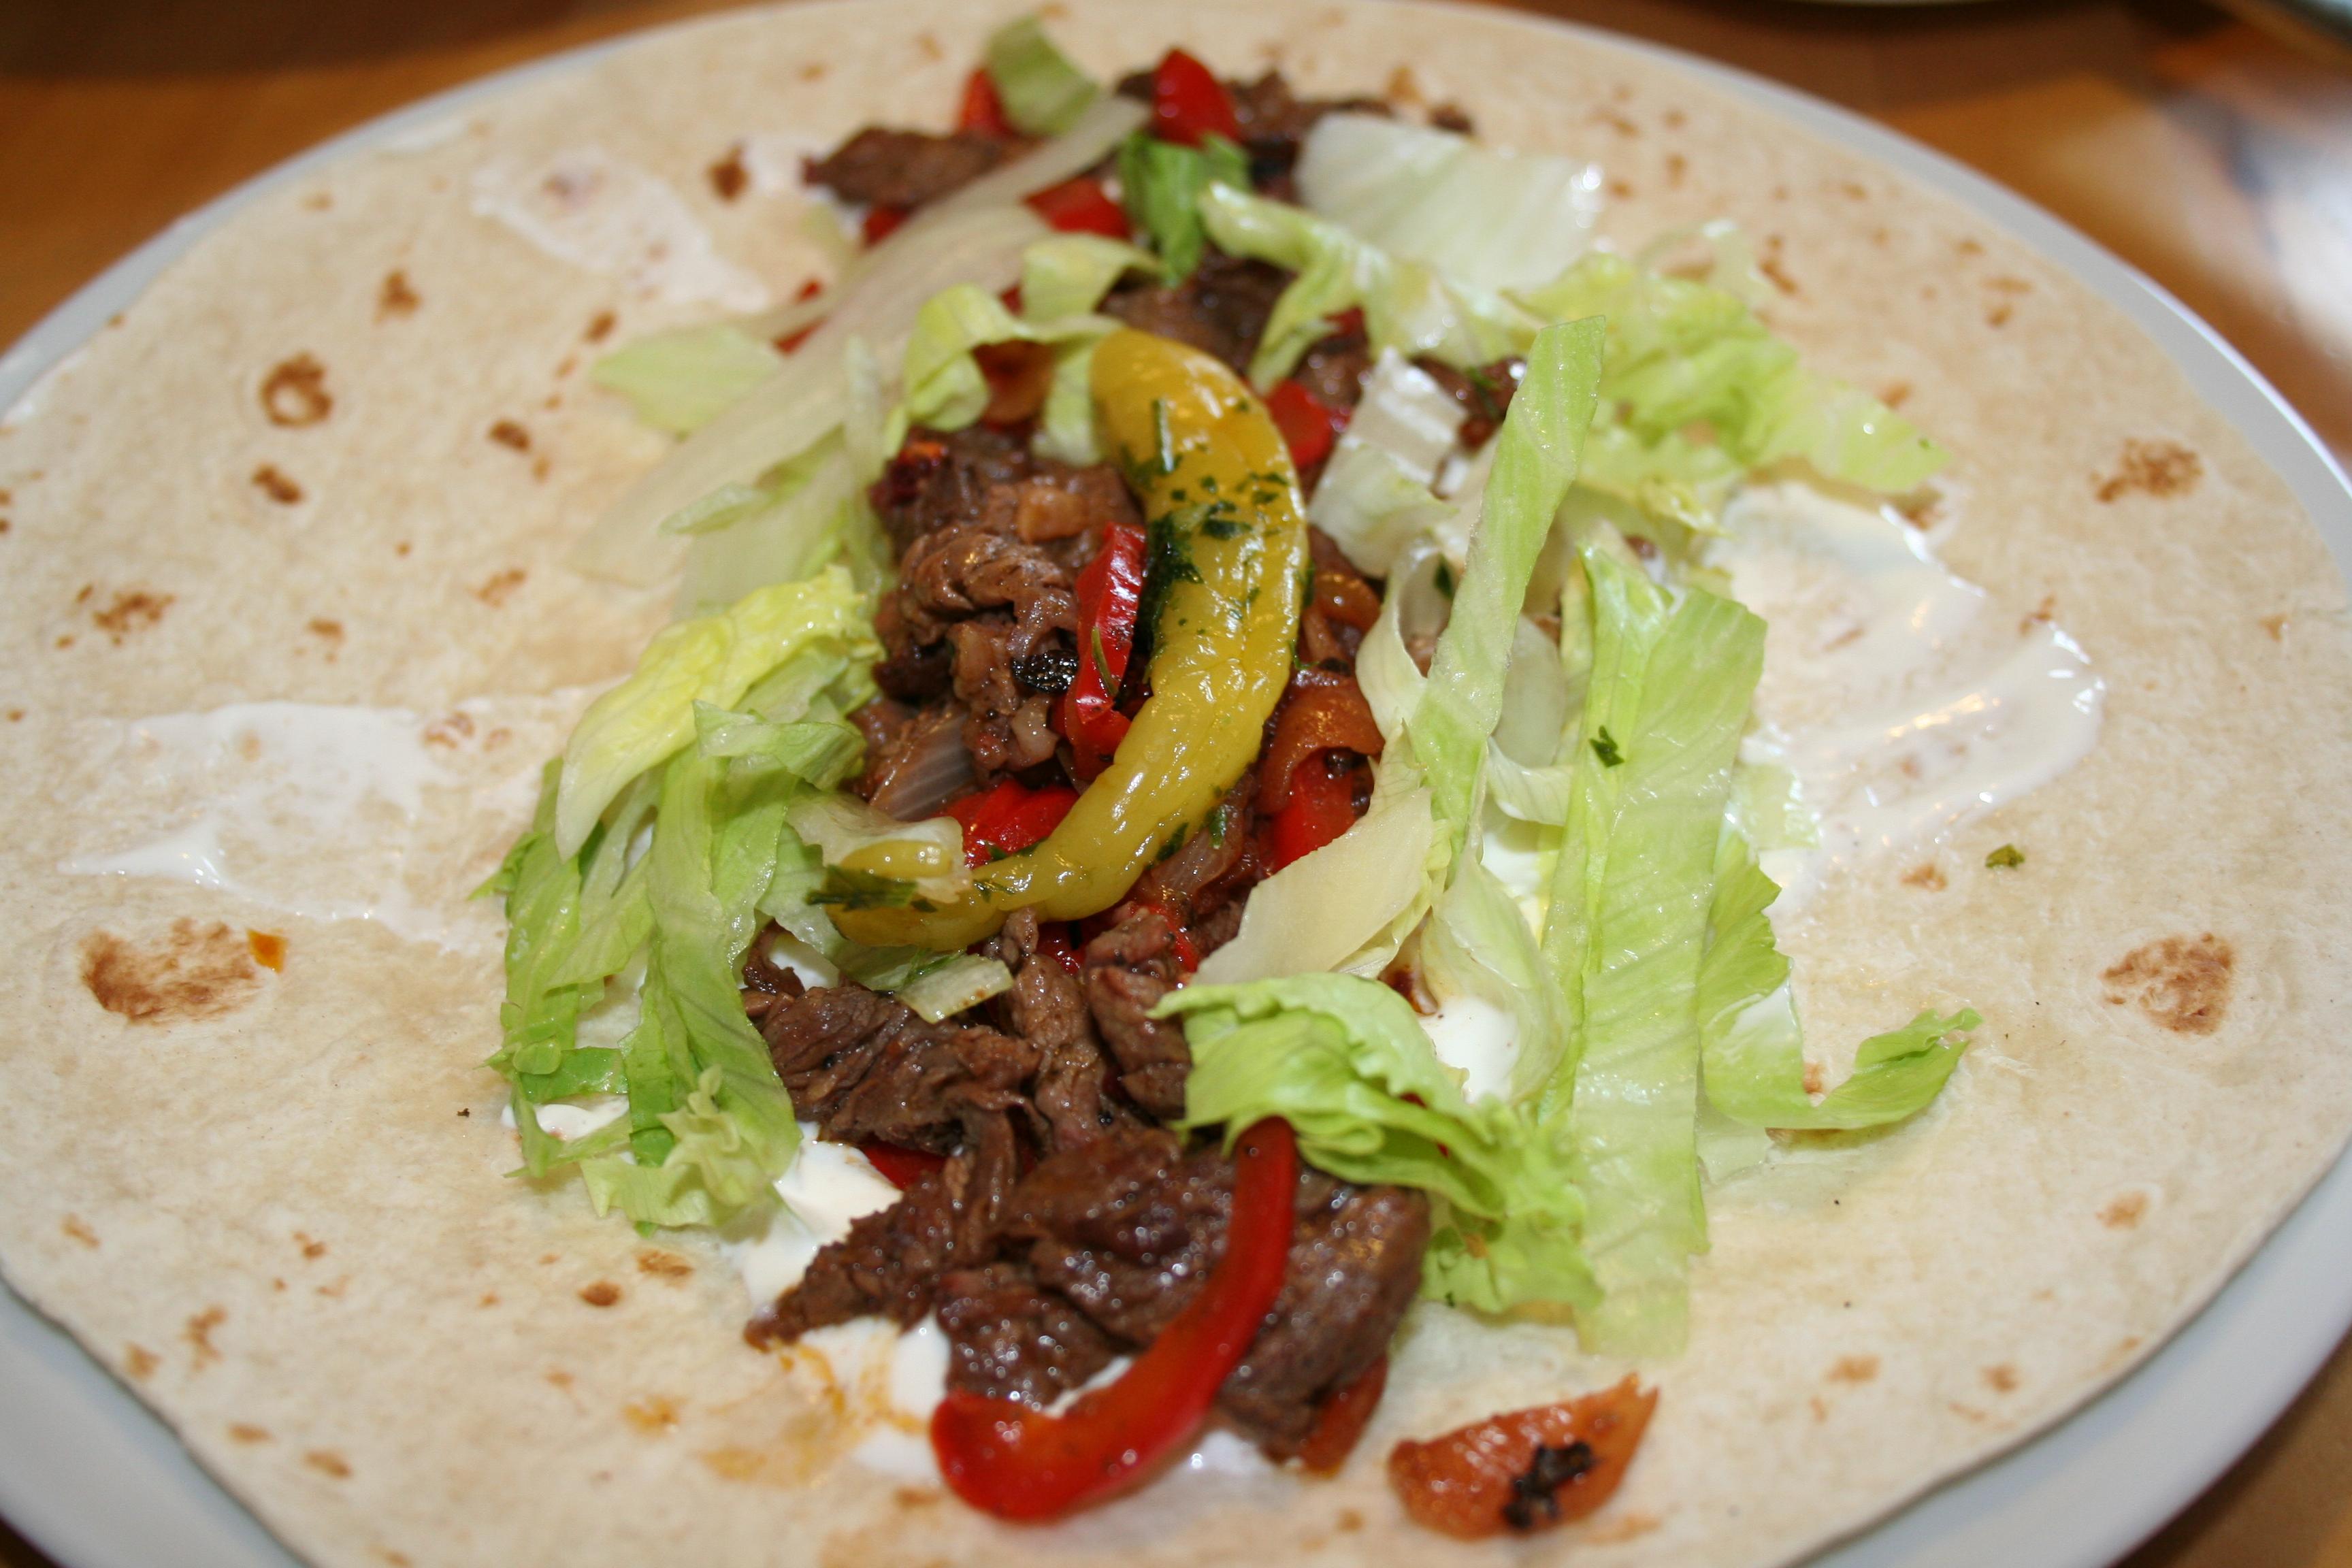 rezept tortillas wraps mit rindfleisch paprika f llung und sour cream. Black Bedroom Furniture Sets. Home Design Ideas